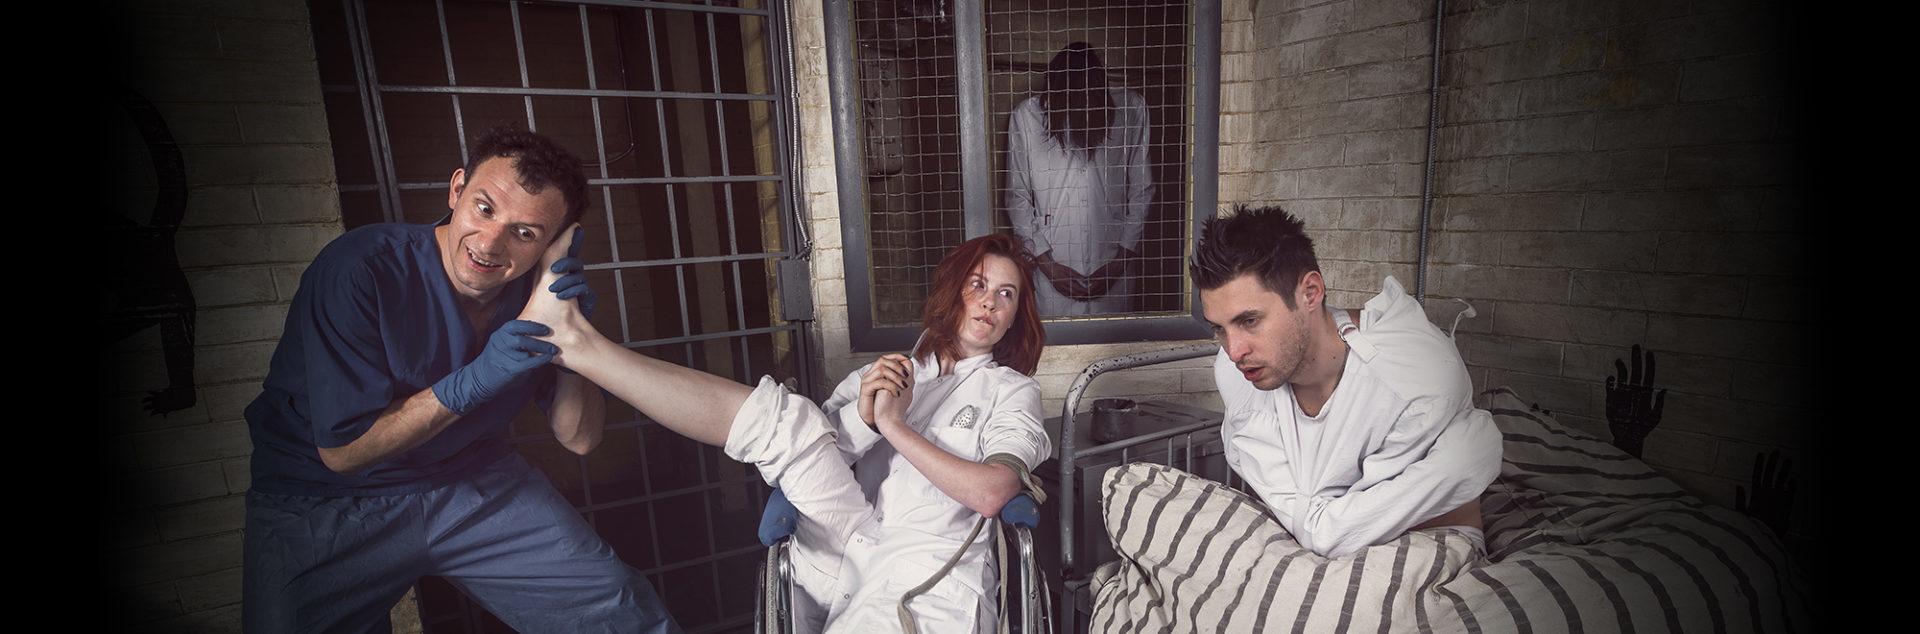 Квест комната Шоковая терапия с актрисой от KADRooM Киев